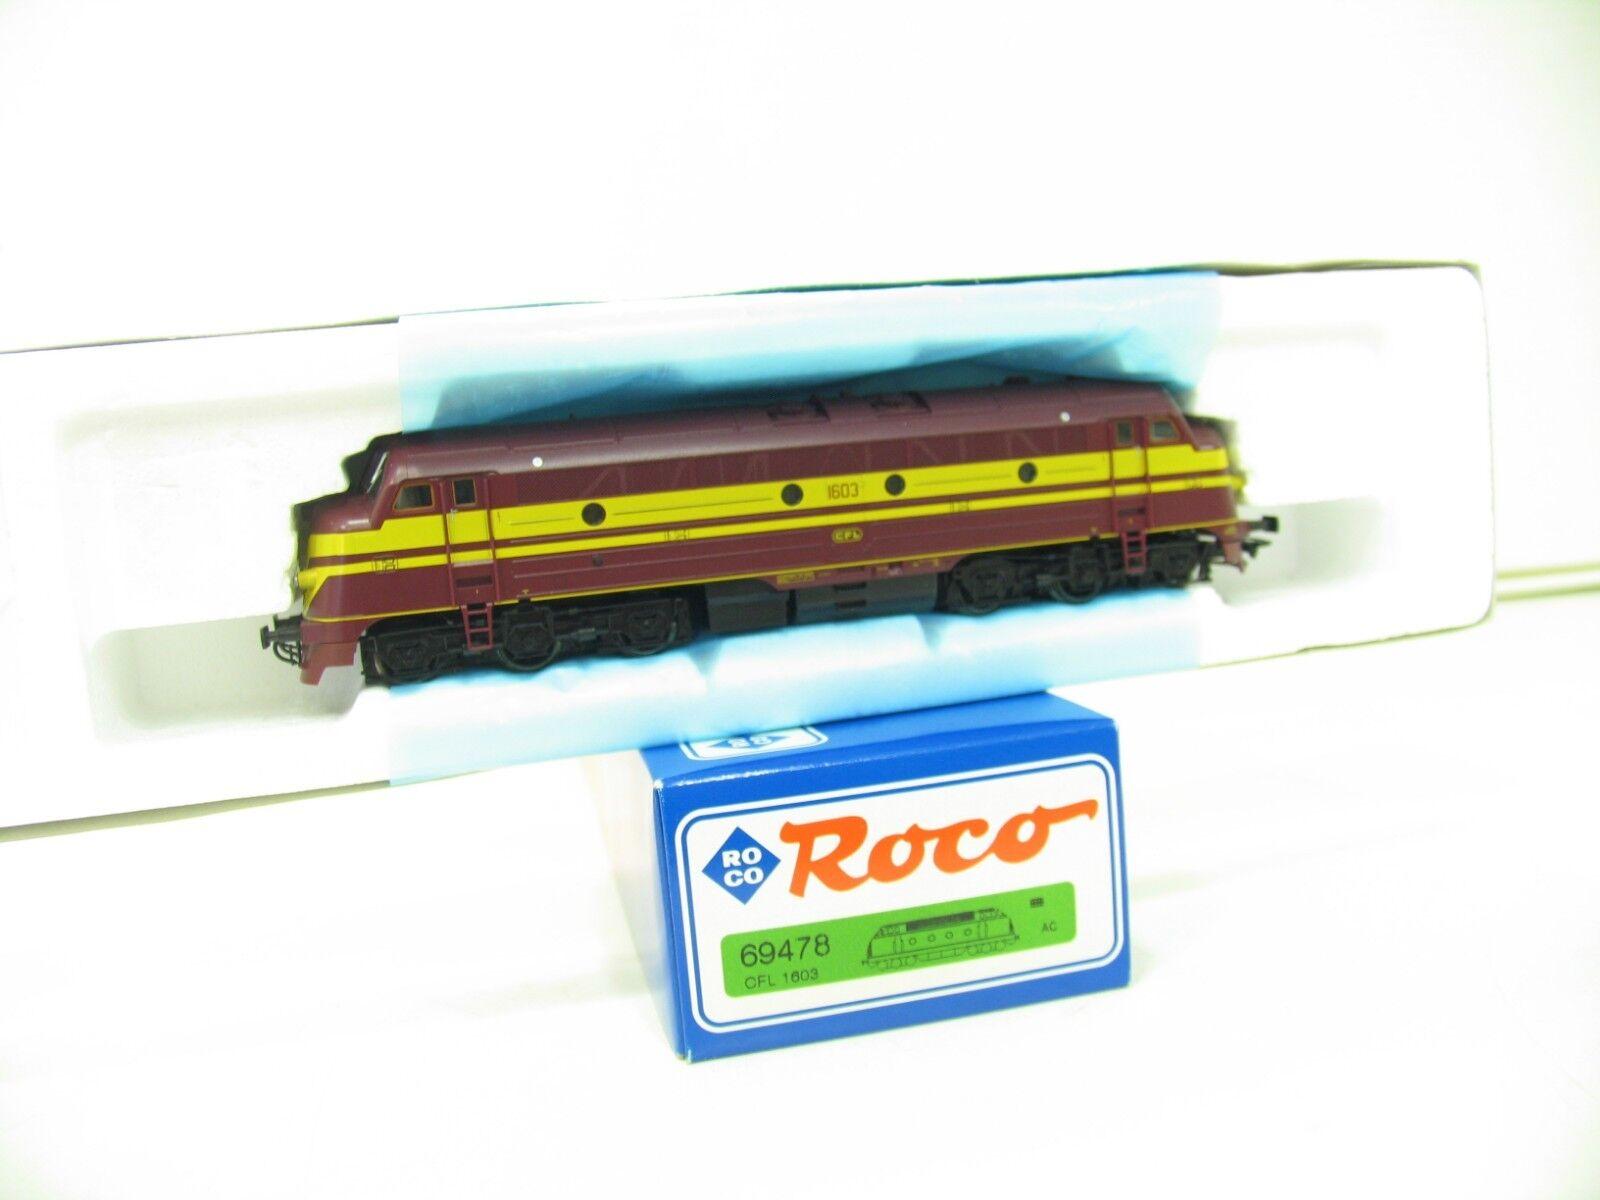 Roco 69478 diesellok serie 1603 CFL CFL CFL AC número   sonido nl315 67a